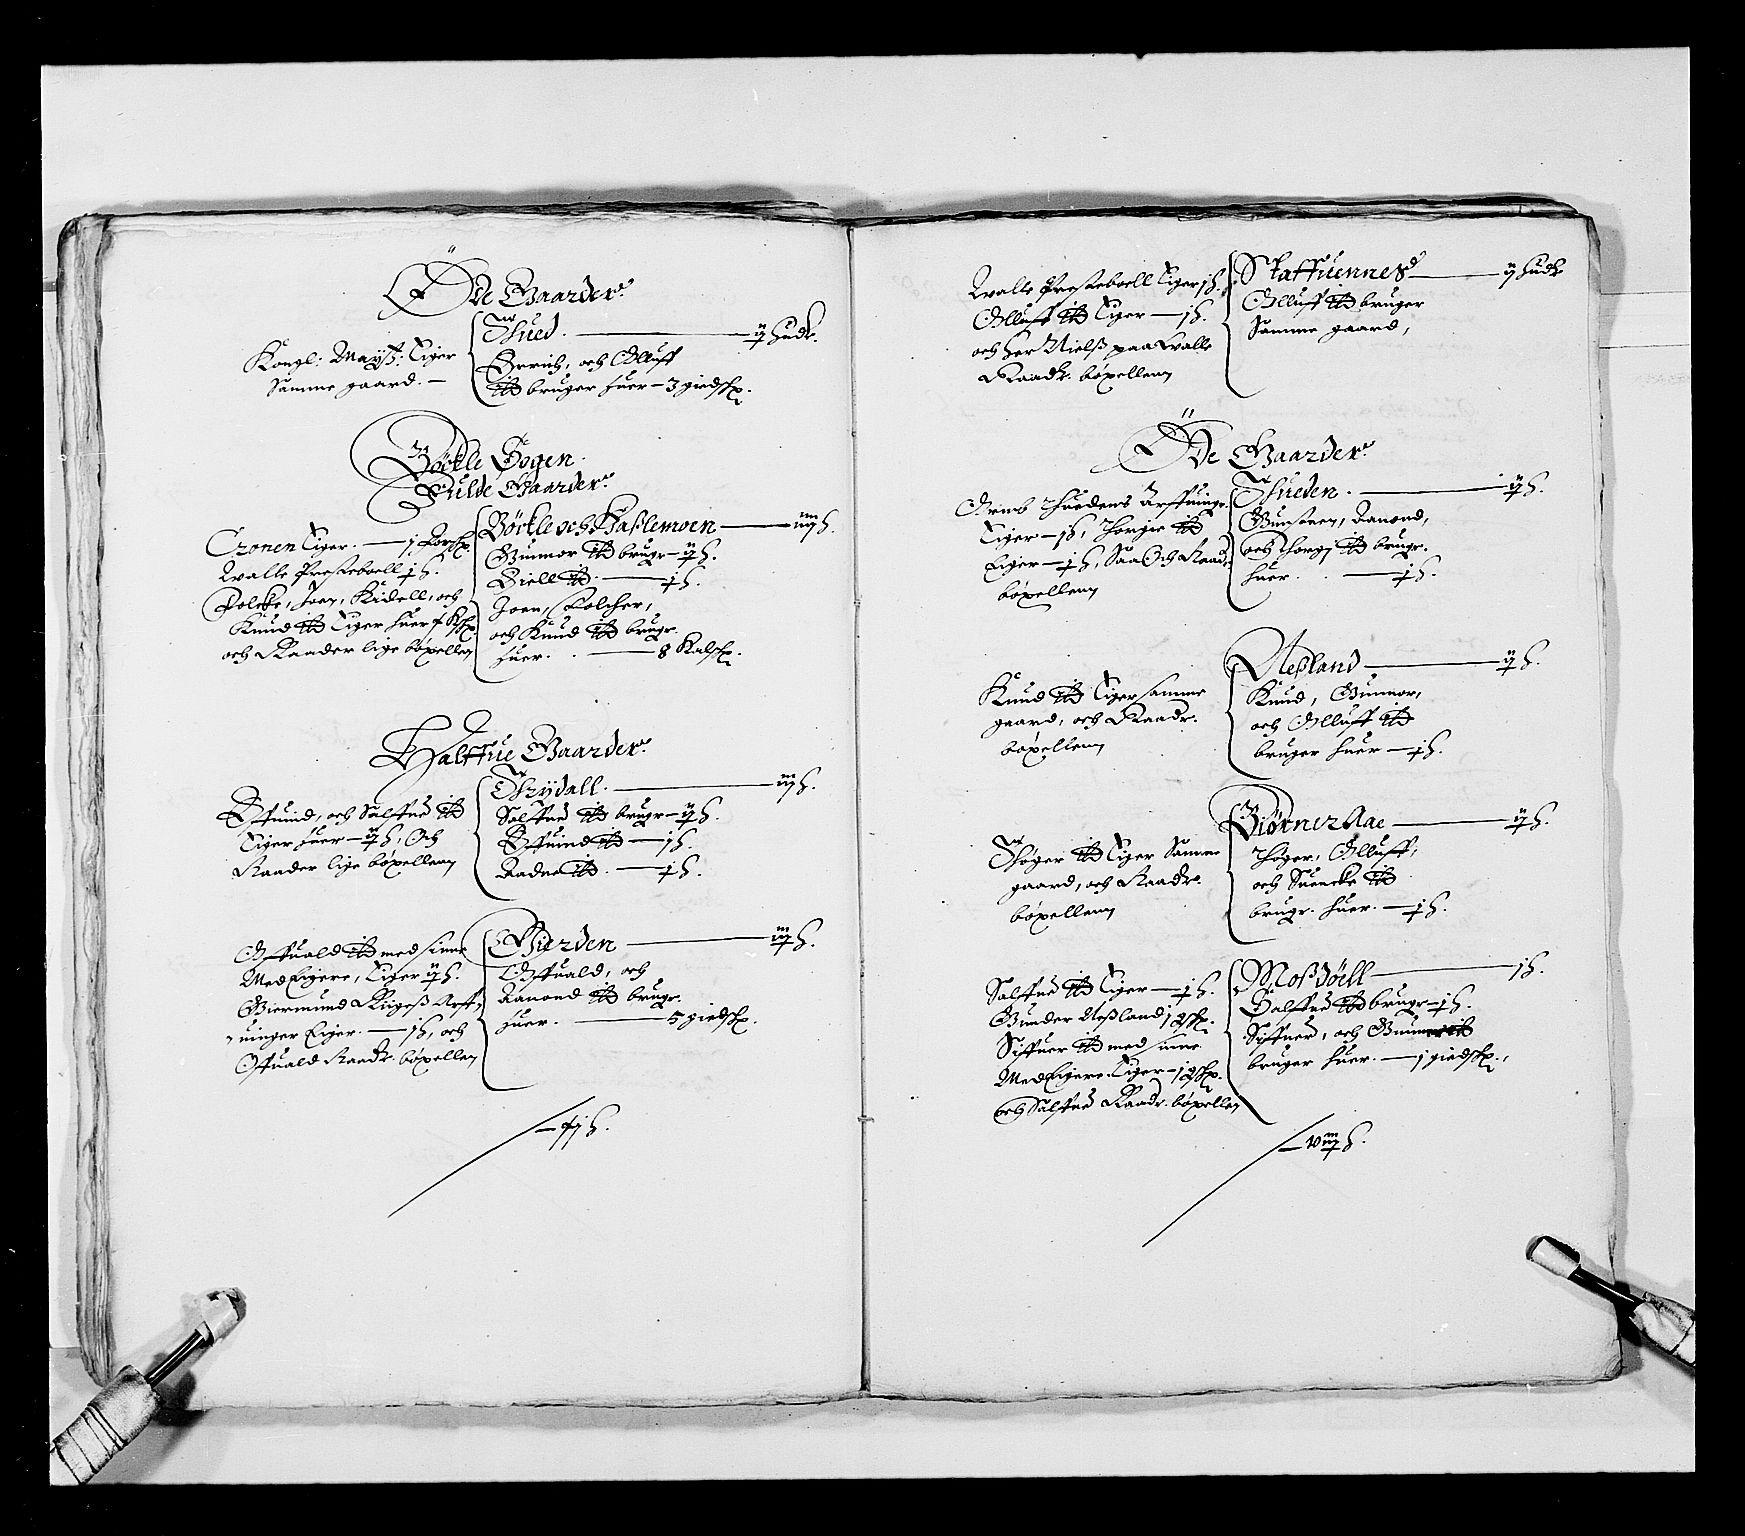 RA, Stattholderembetet 1572-1771, Ek/L0023: Jordebøker 1633-1658:, 1648-1649, s. 24